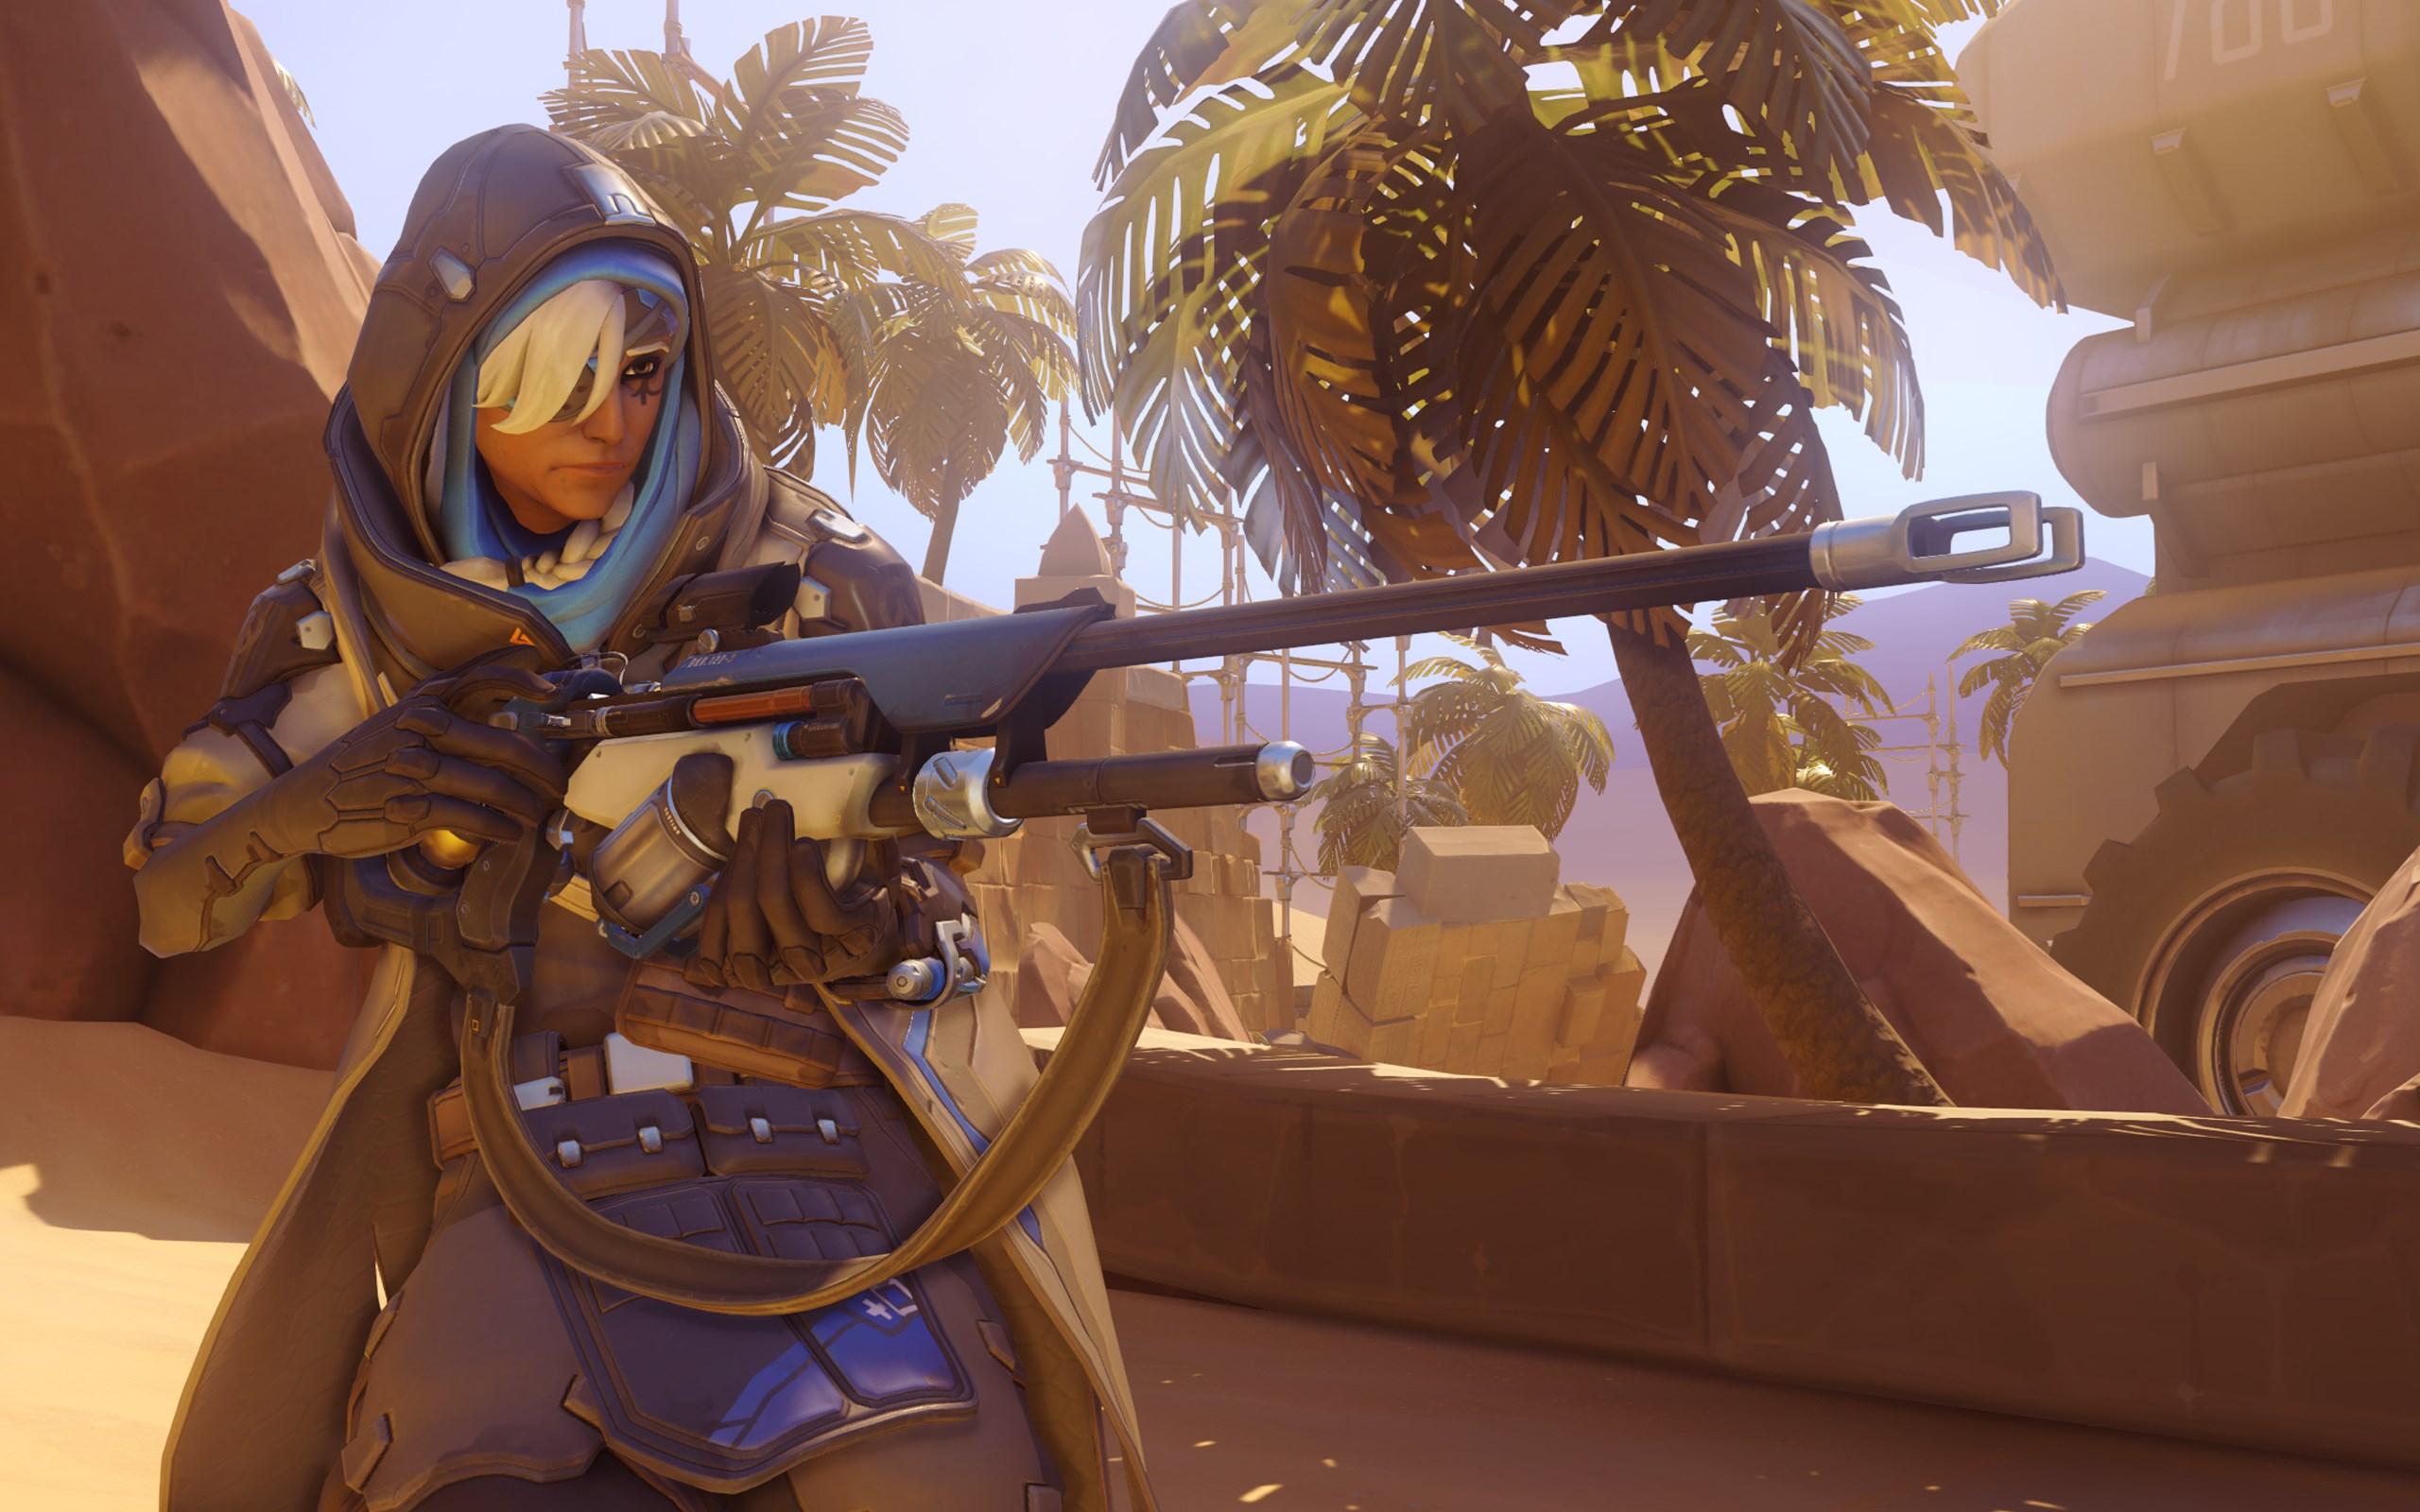 Conheçam a próxima heroína de Overwatch